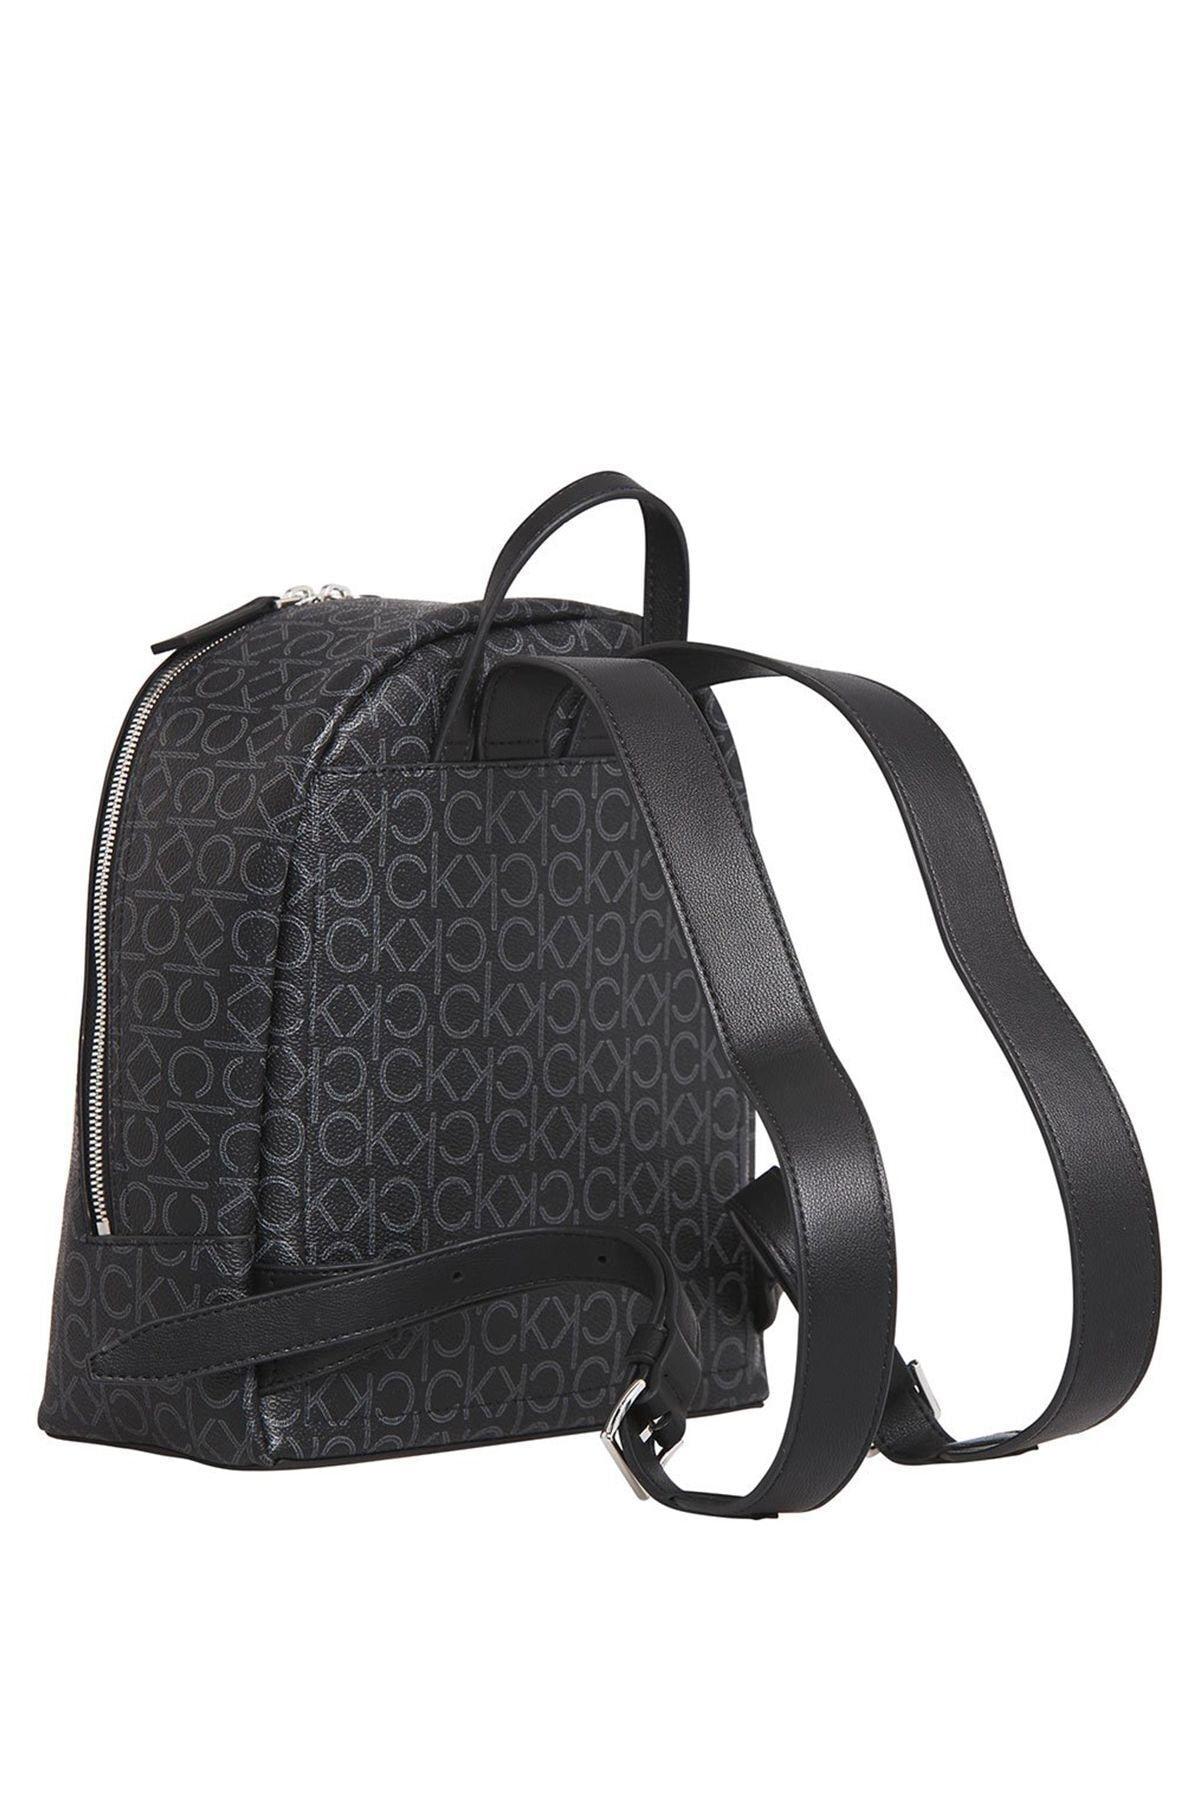 Calvin Klein Kadın Siyah Mono Sm Sırt Çantası K60k606476 2